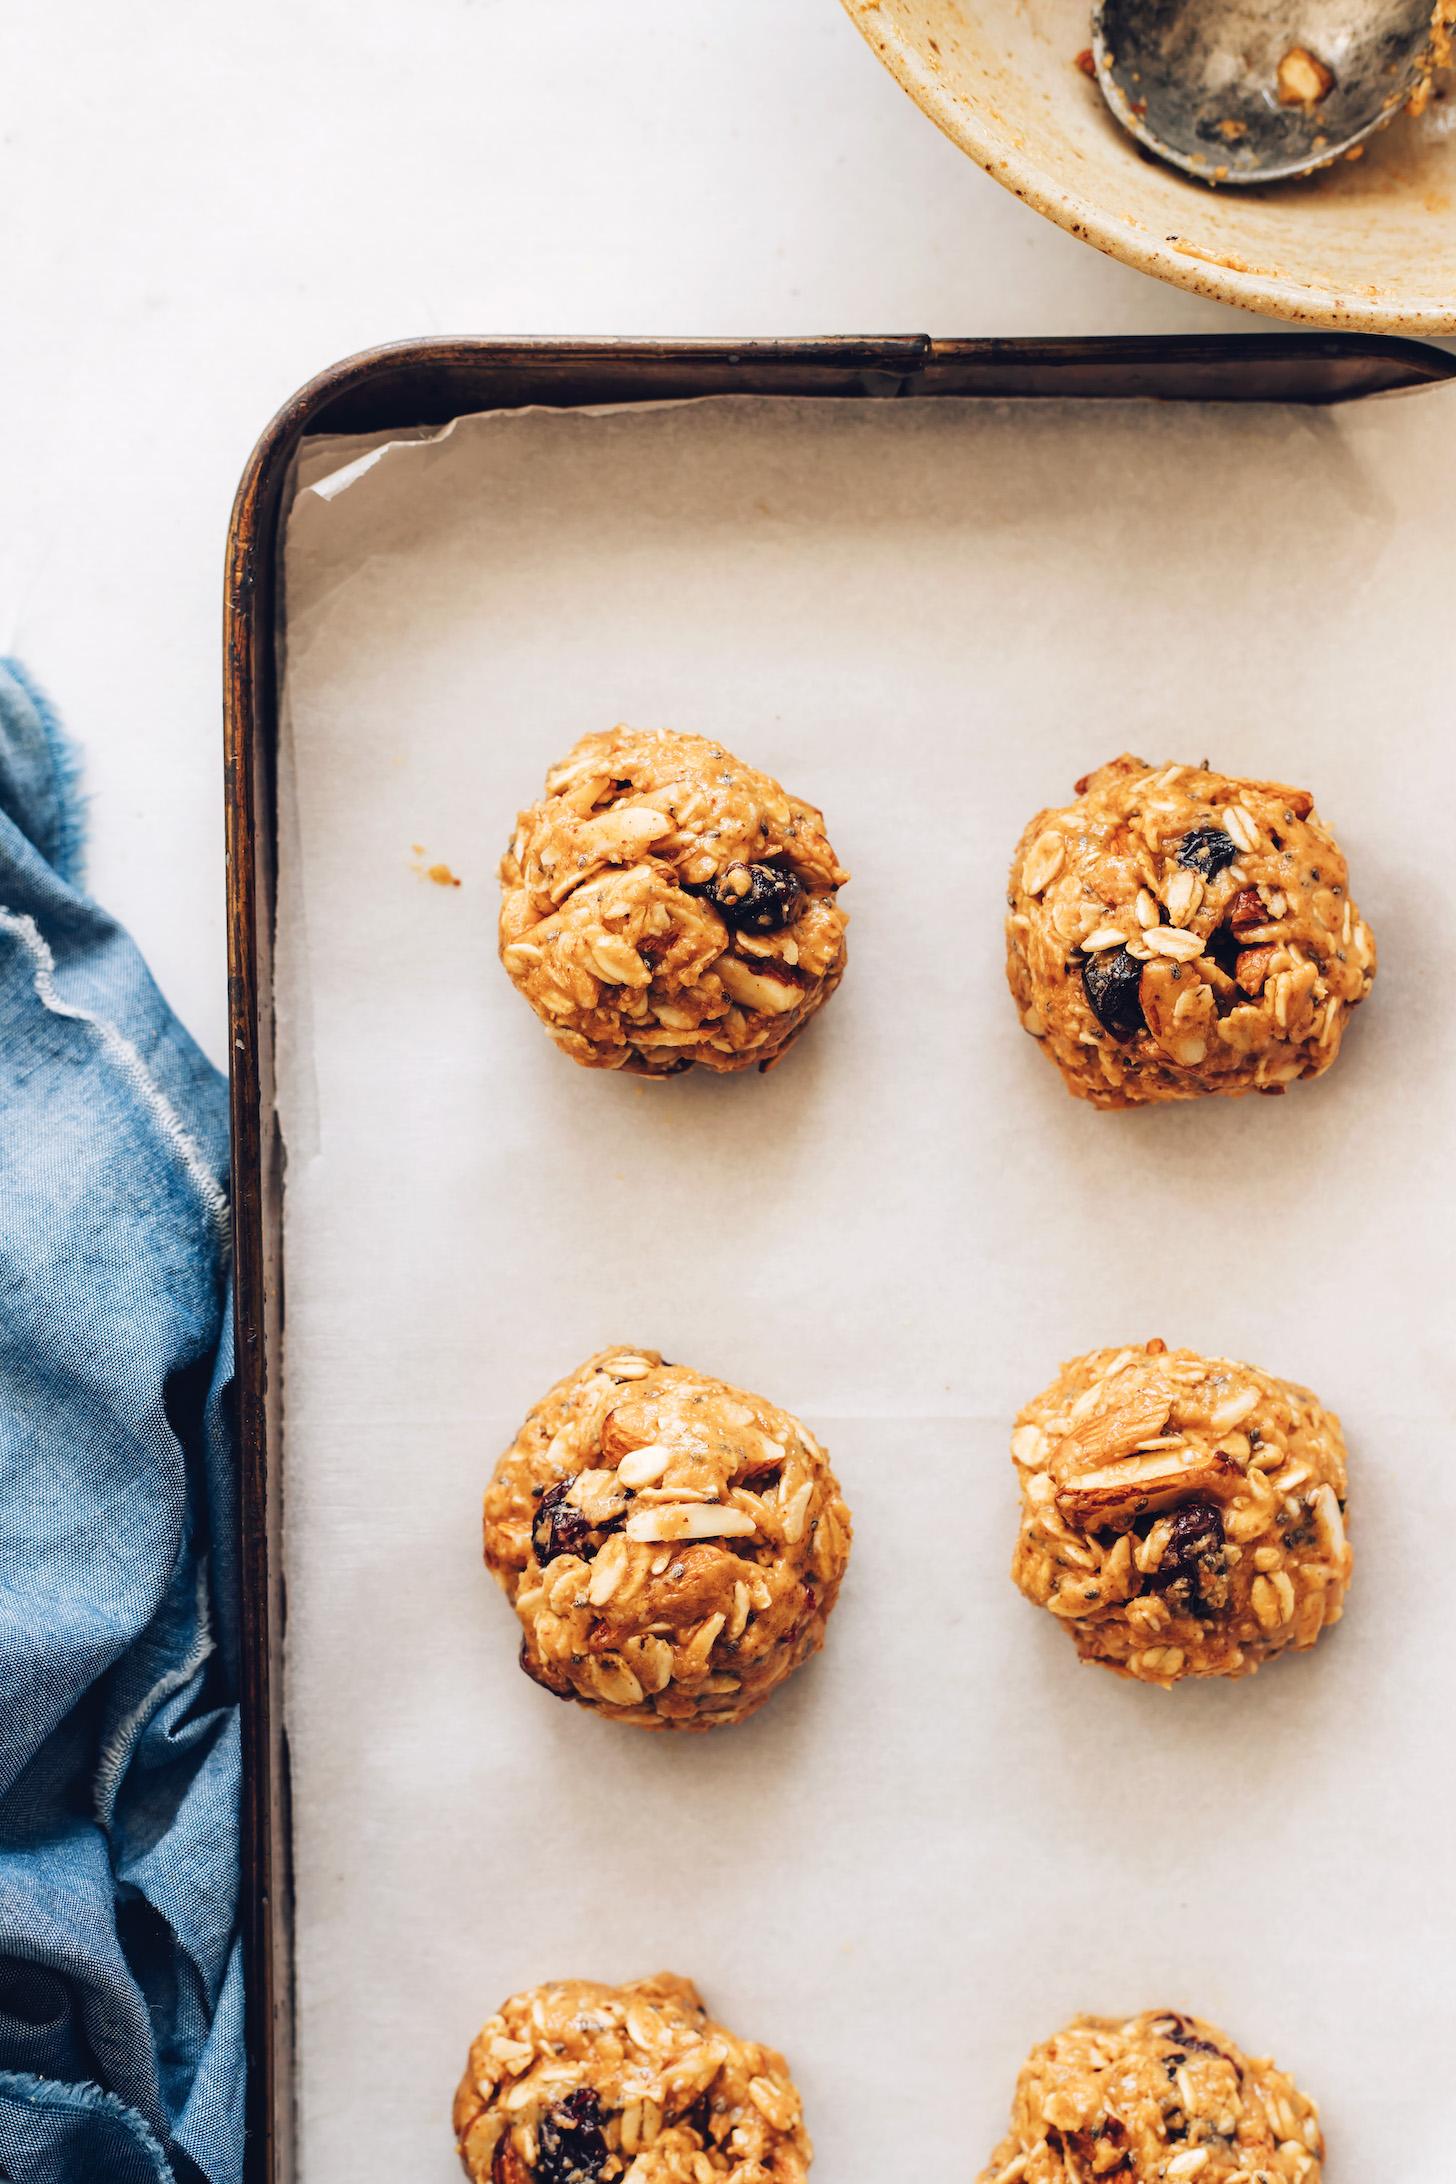 Plaque à pâtisserie tapissée de papier sulfurisé de notre recette de biscuits granola faciles